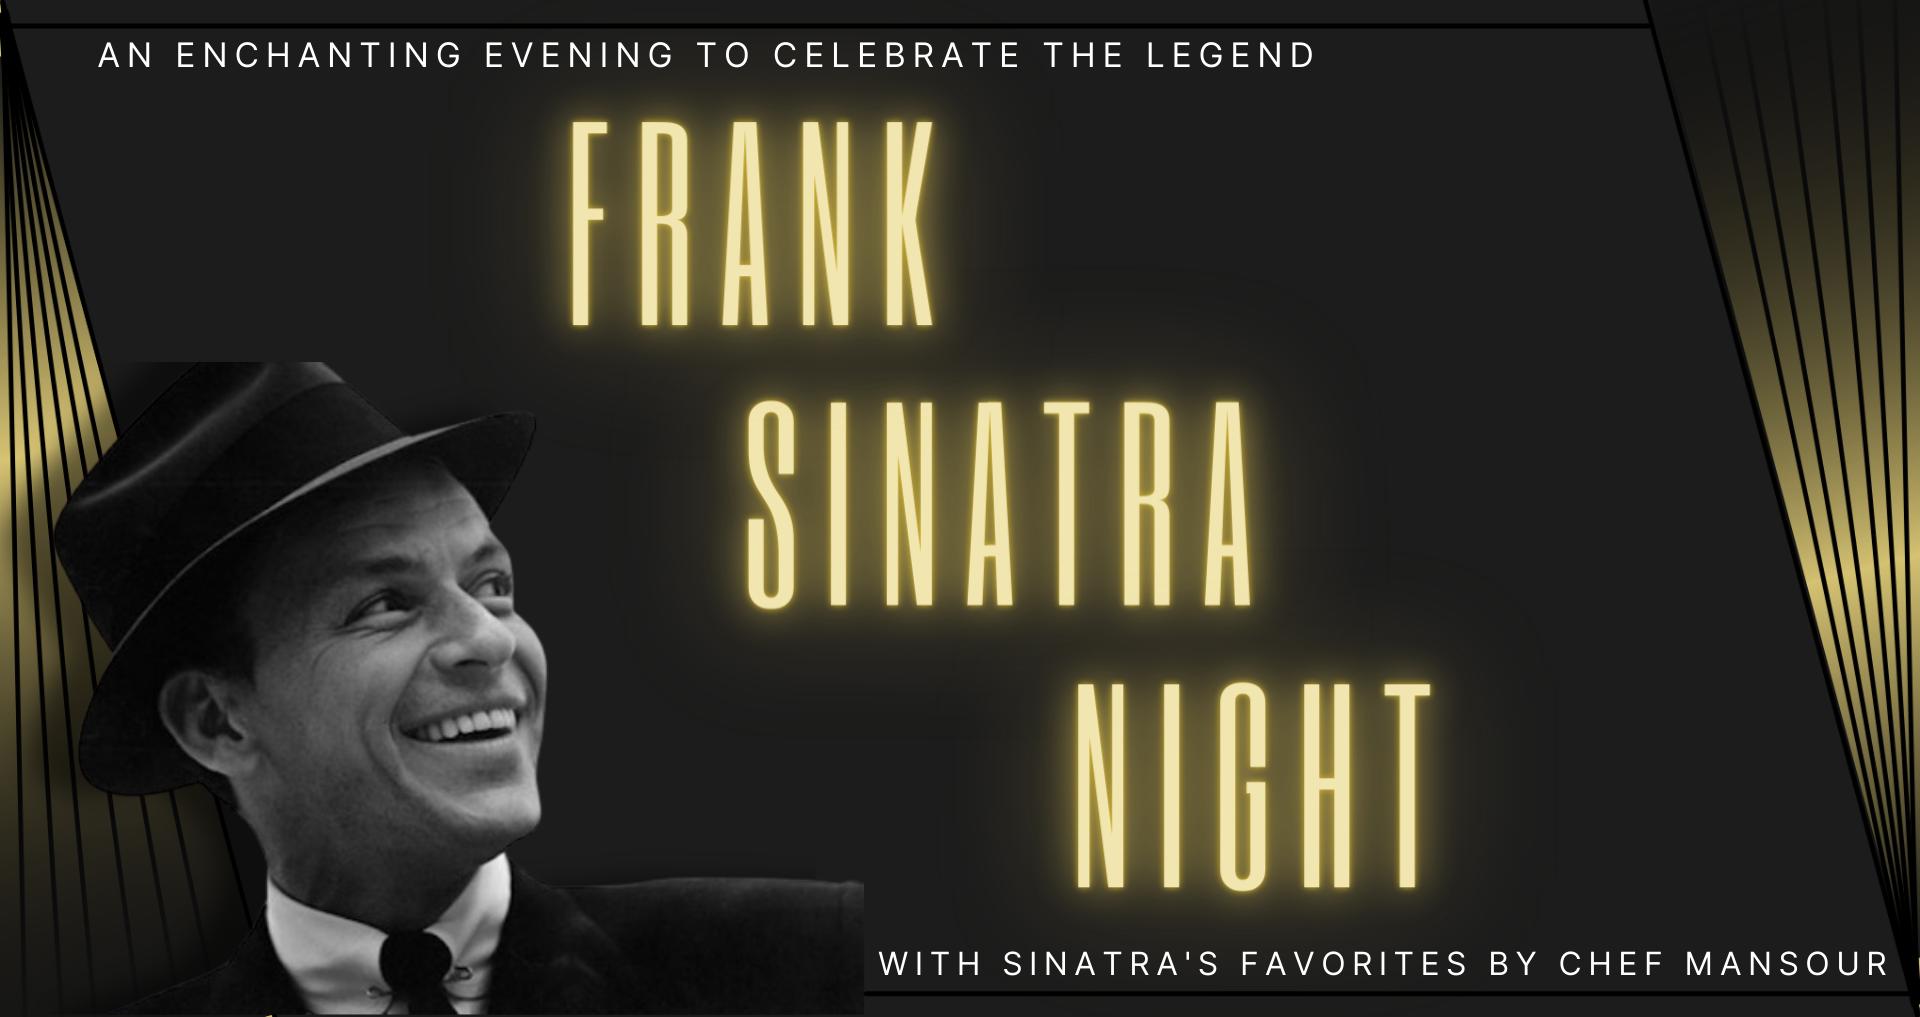 Frank Sinatra Night